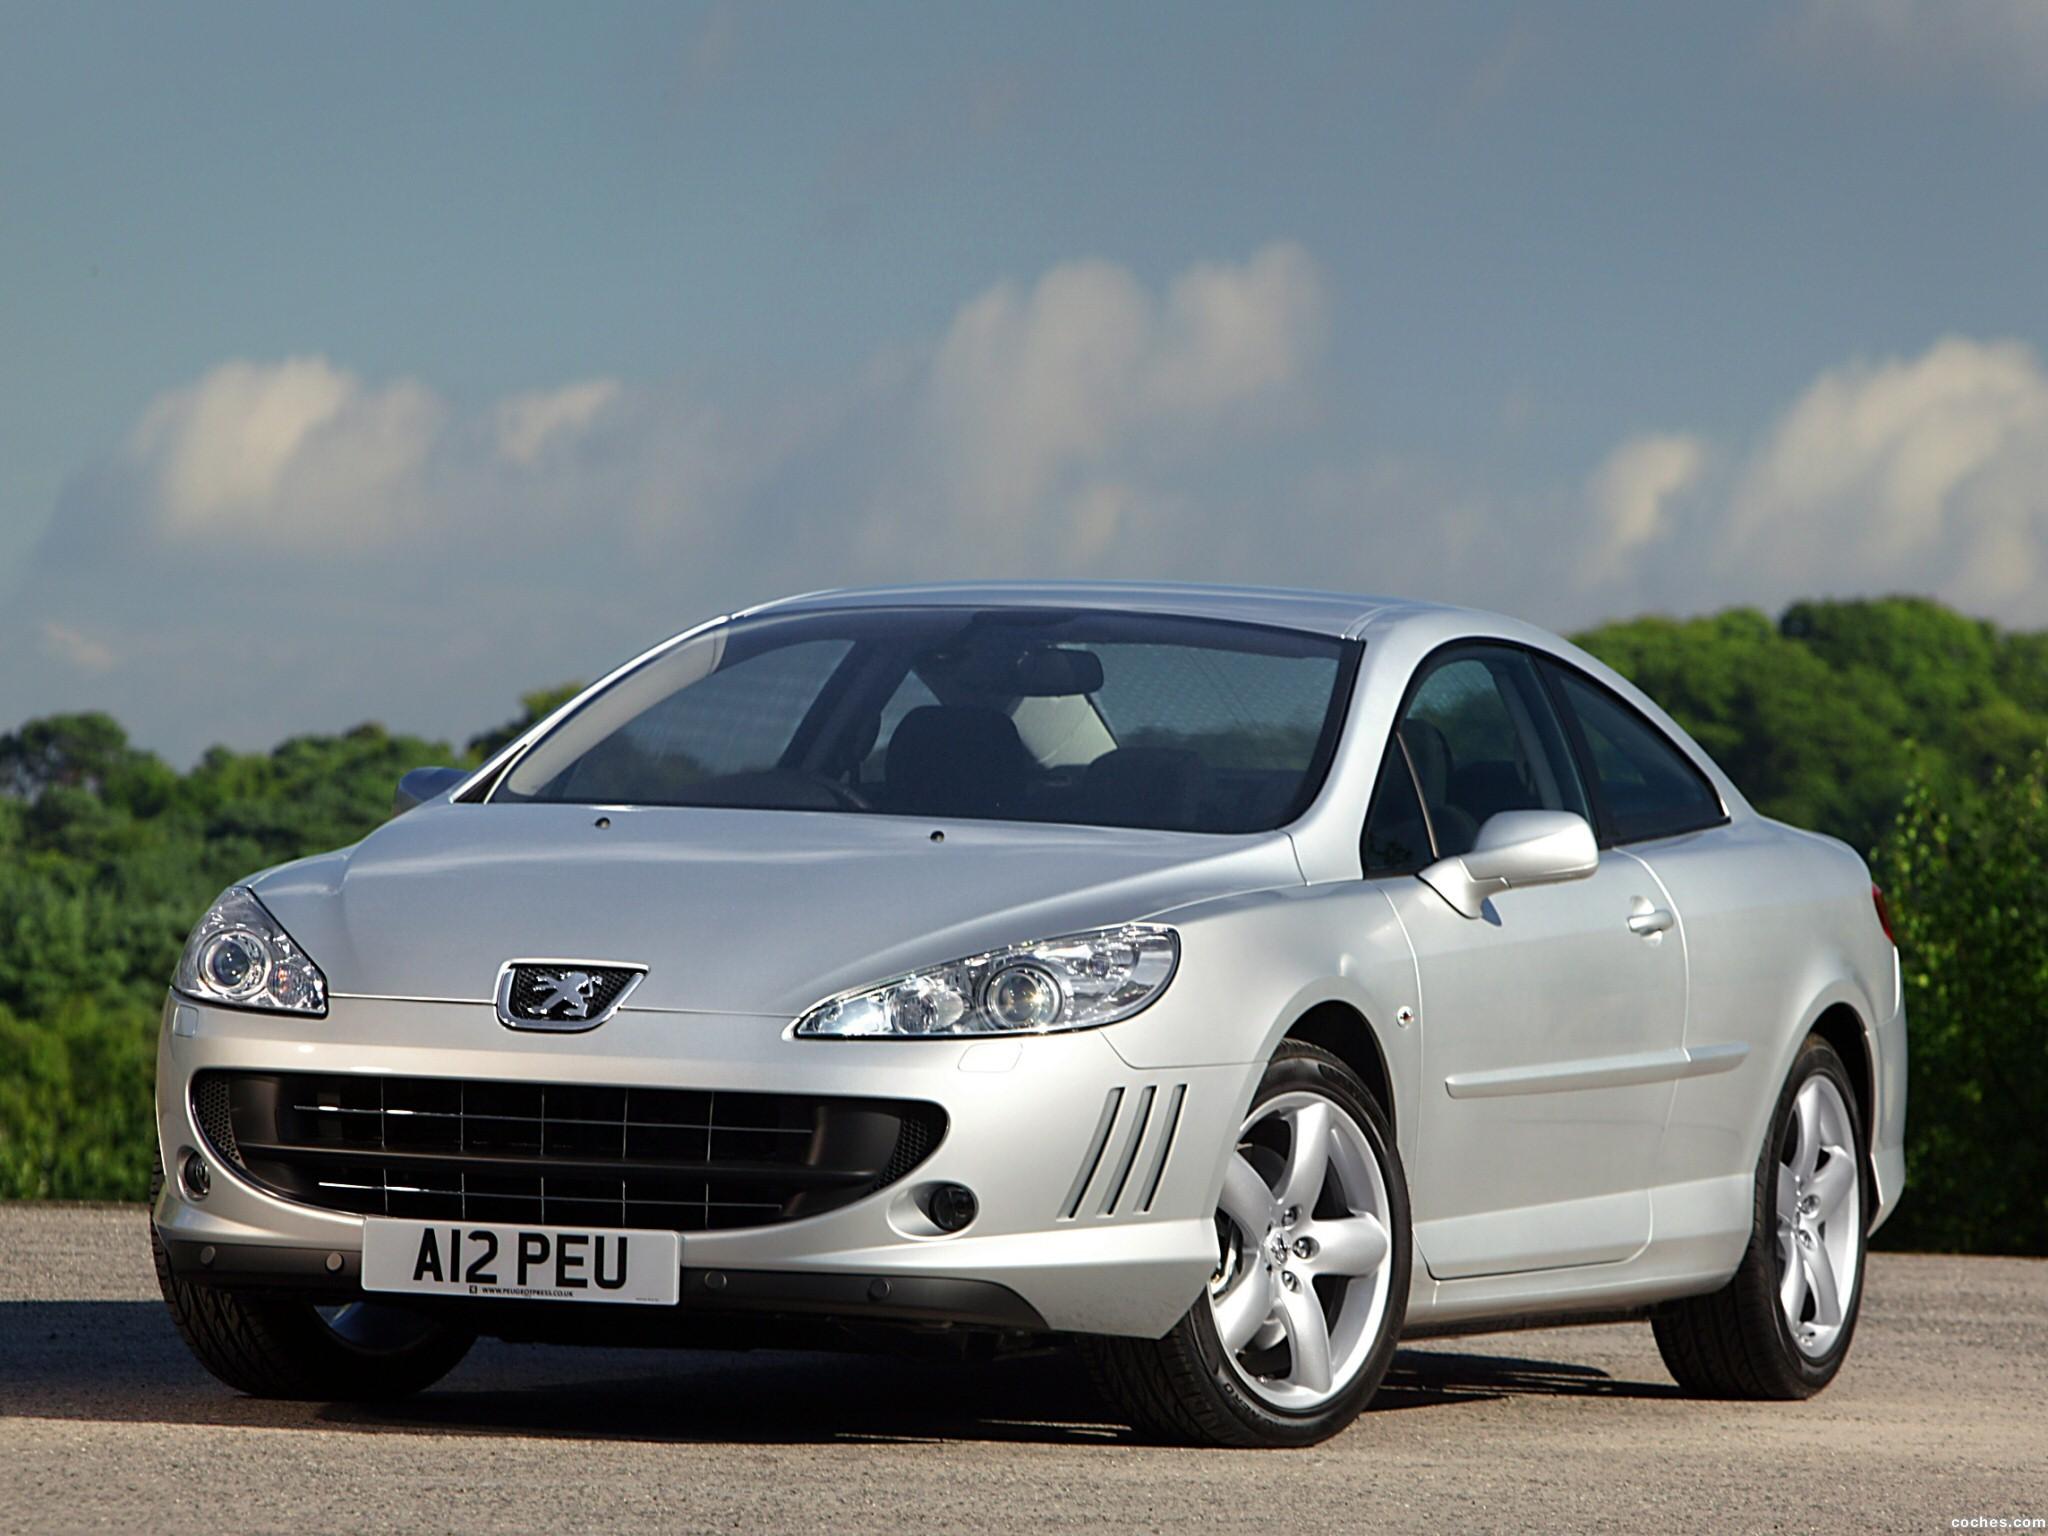 Foto 0 de Peugeot 407 Coupe 2005